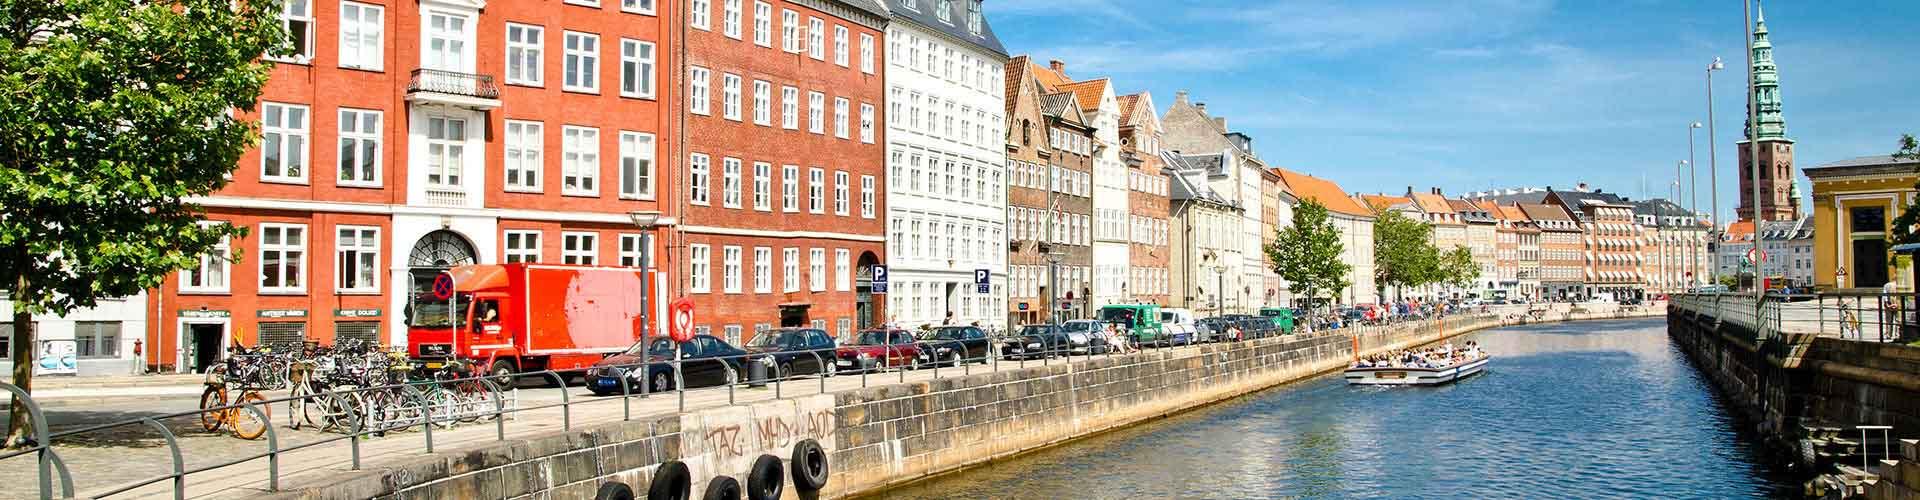 哥本哈根 – Indre By区的青年旅馆。哥本哈根 地图,哥本哈根 每间青年旅馆的照片和评分。